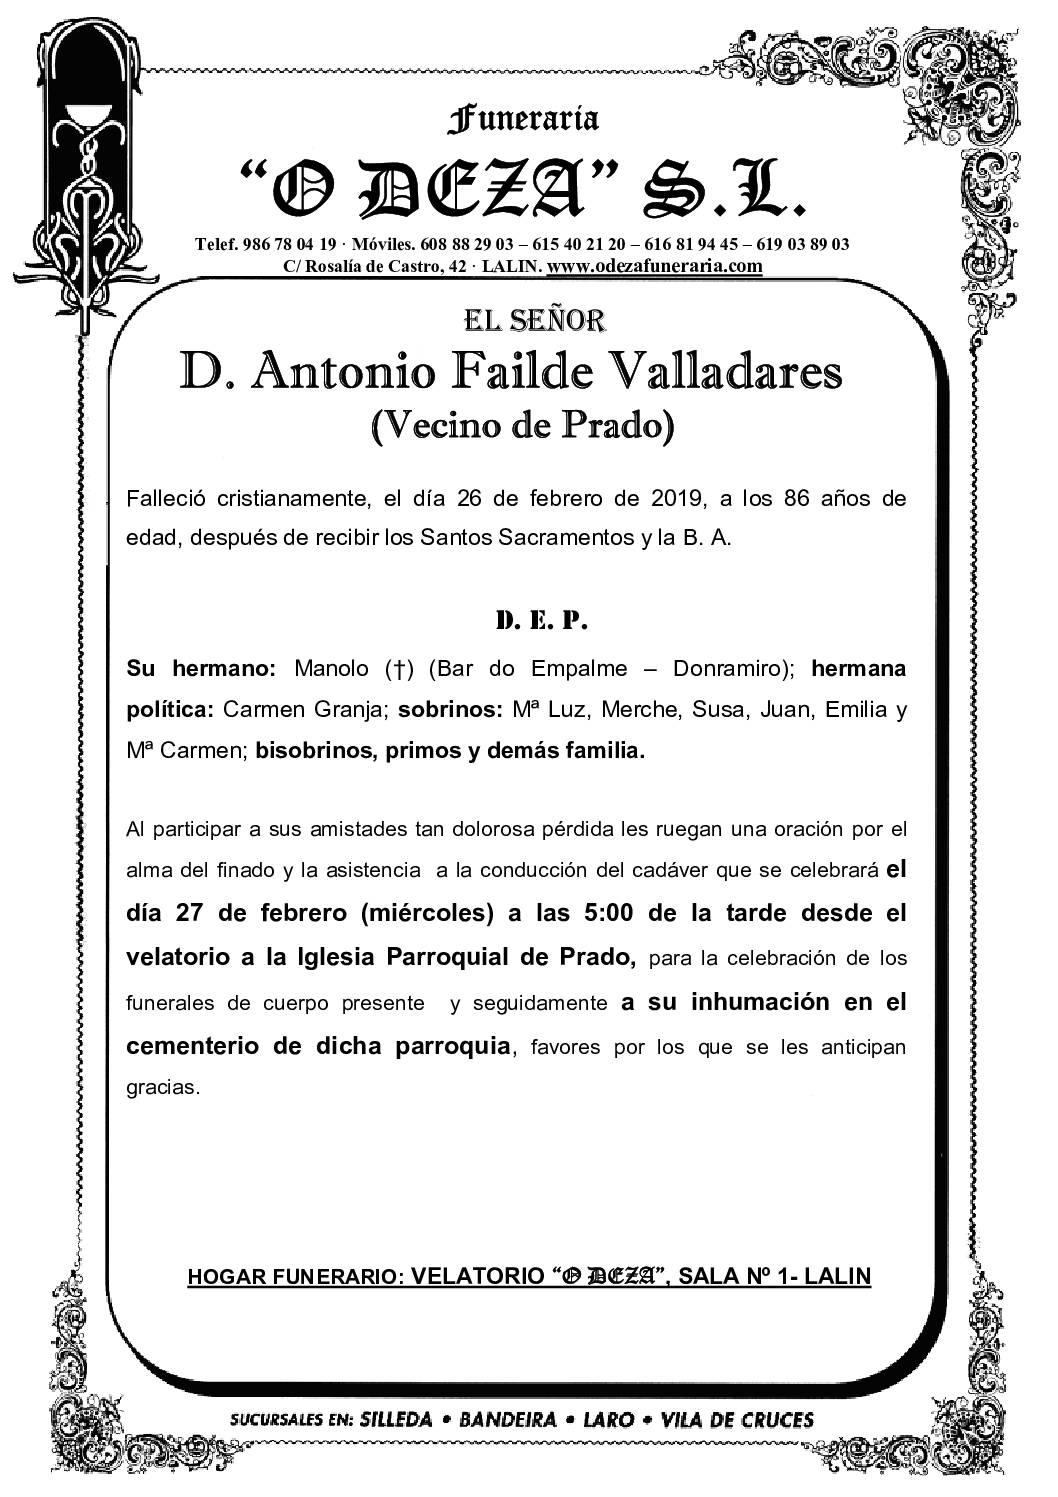 D. ANTONIO FAILDE VALLADARES